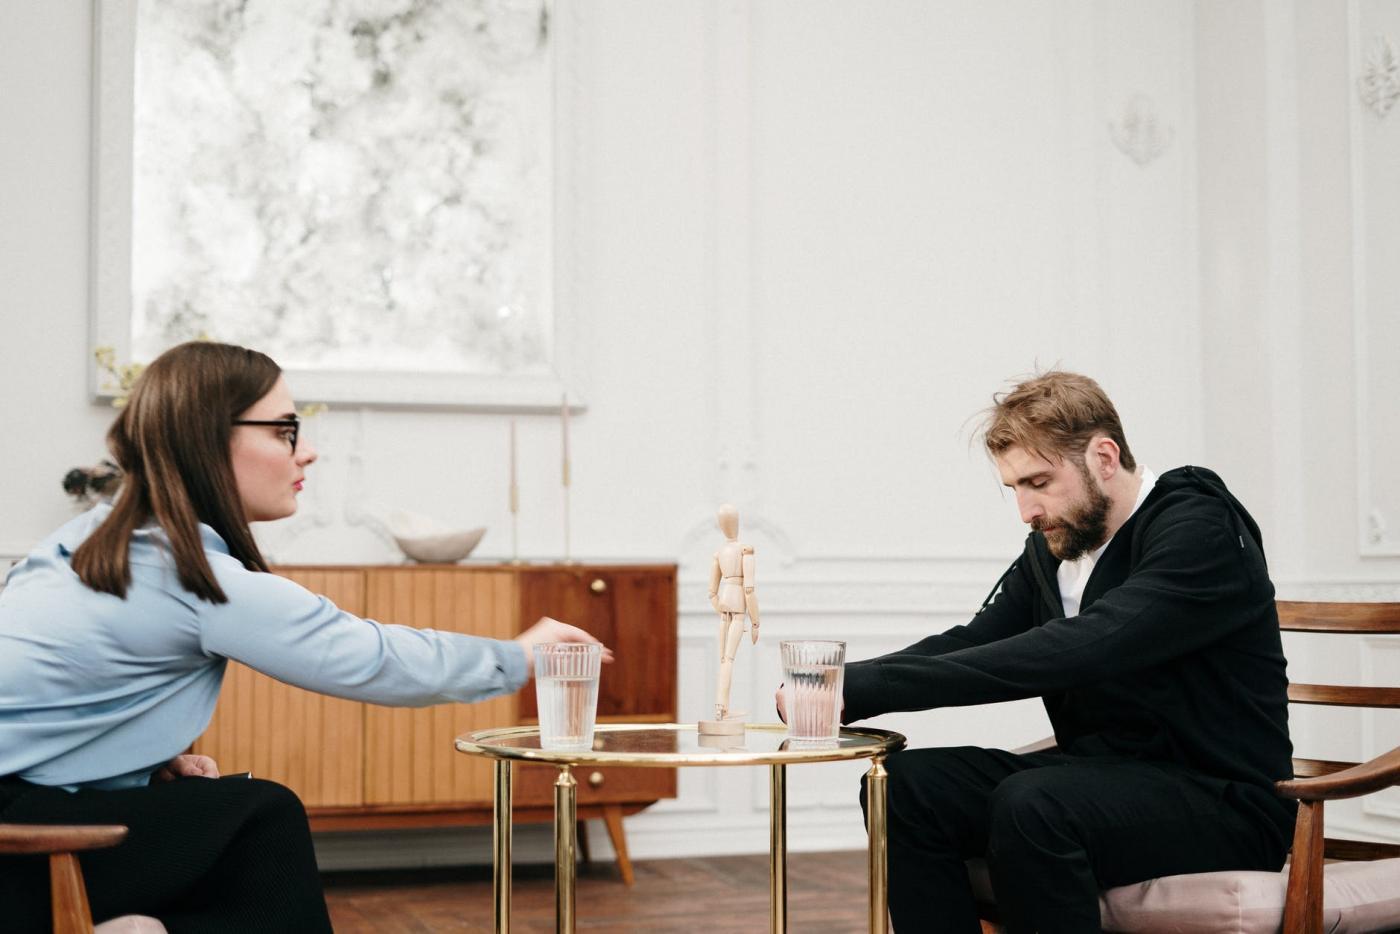 Psychoterapia i wsparcie psychologa- jak i gdzie szukać pomocy?